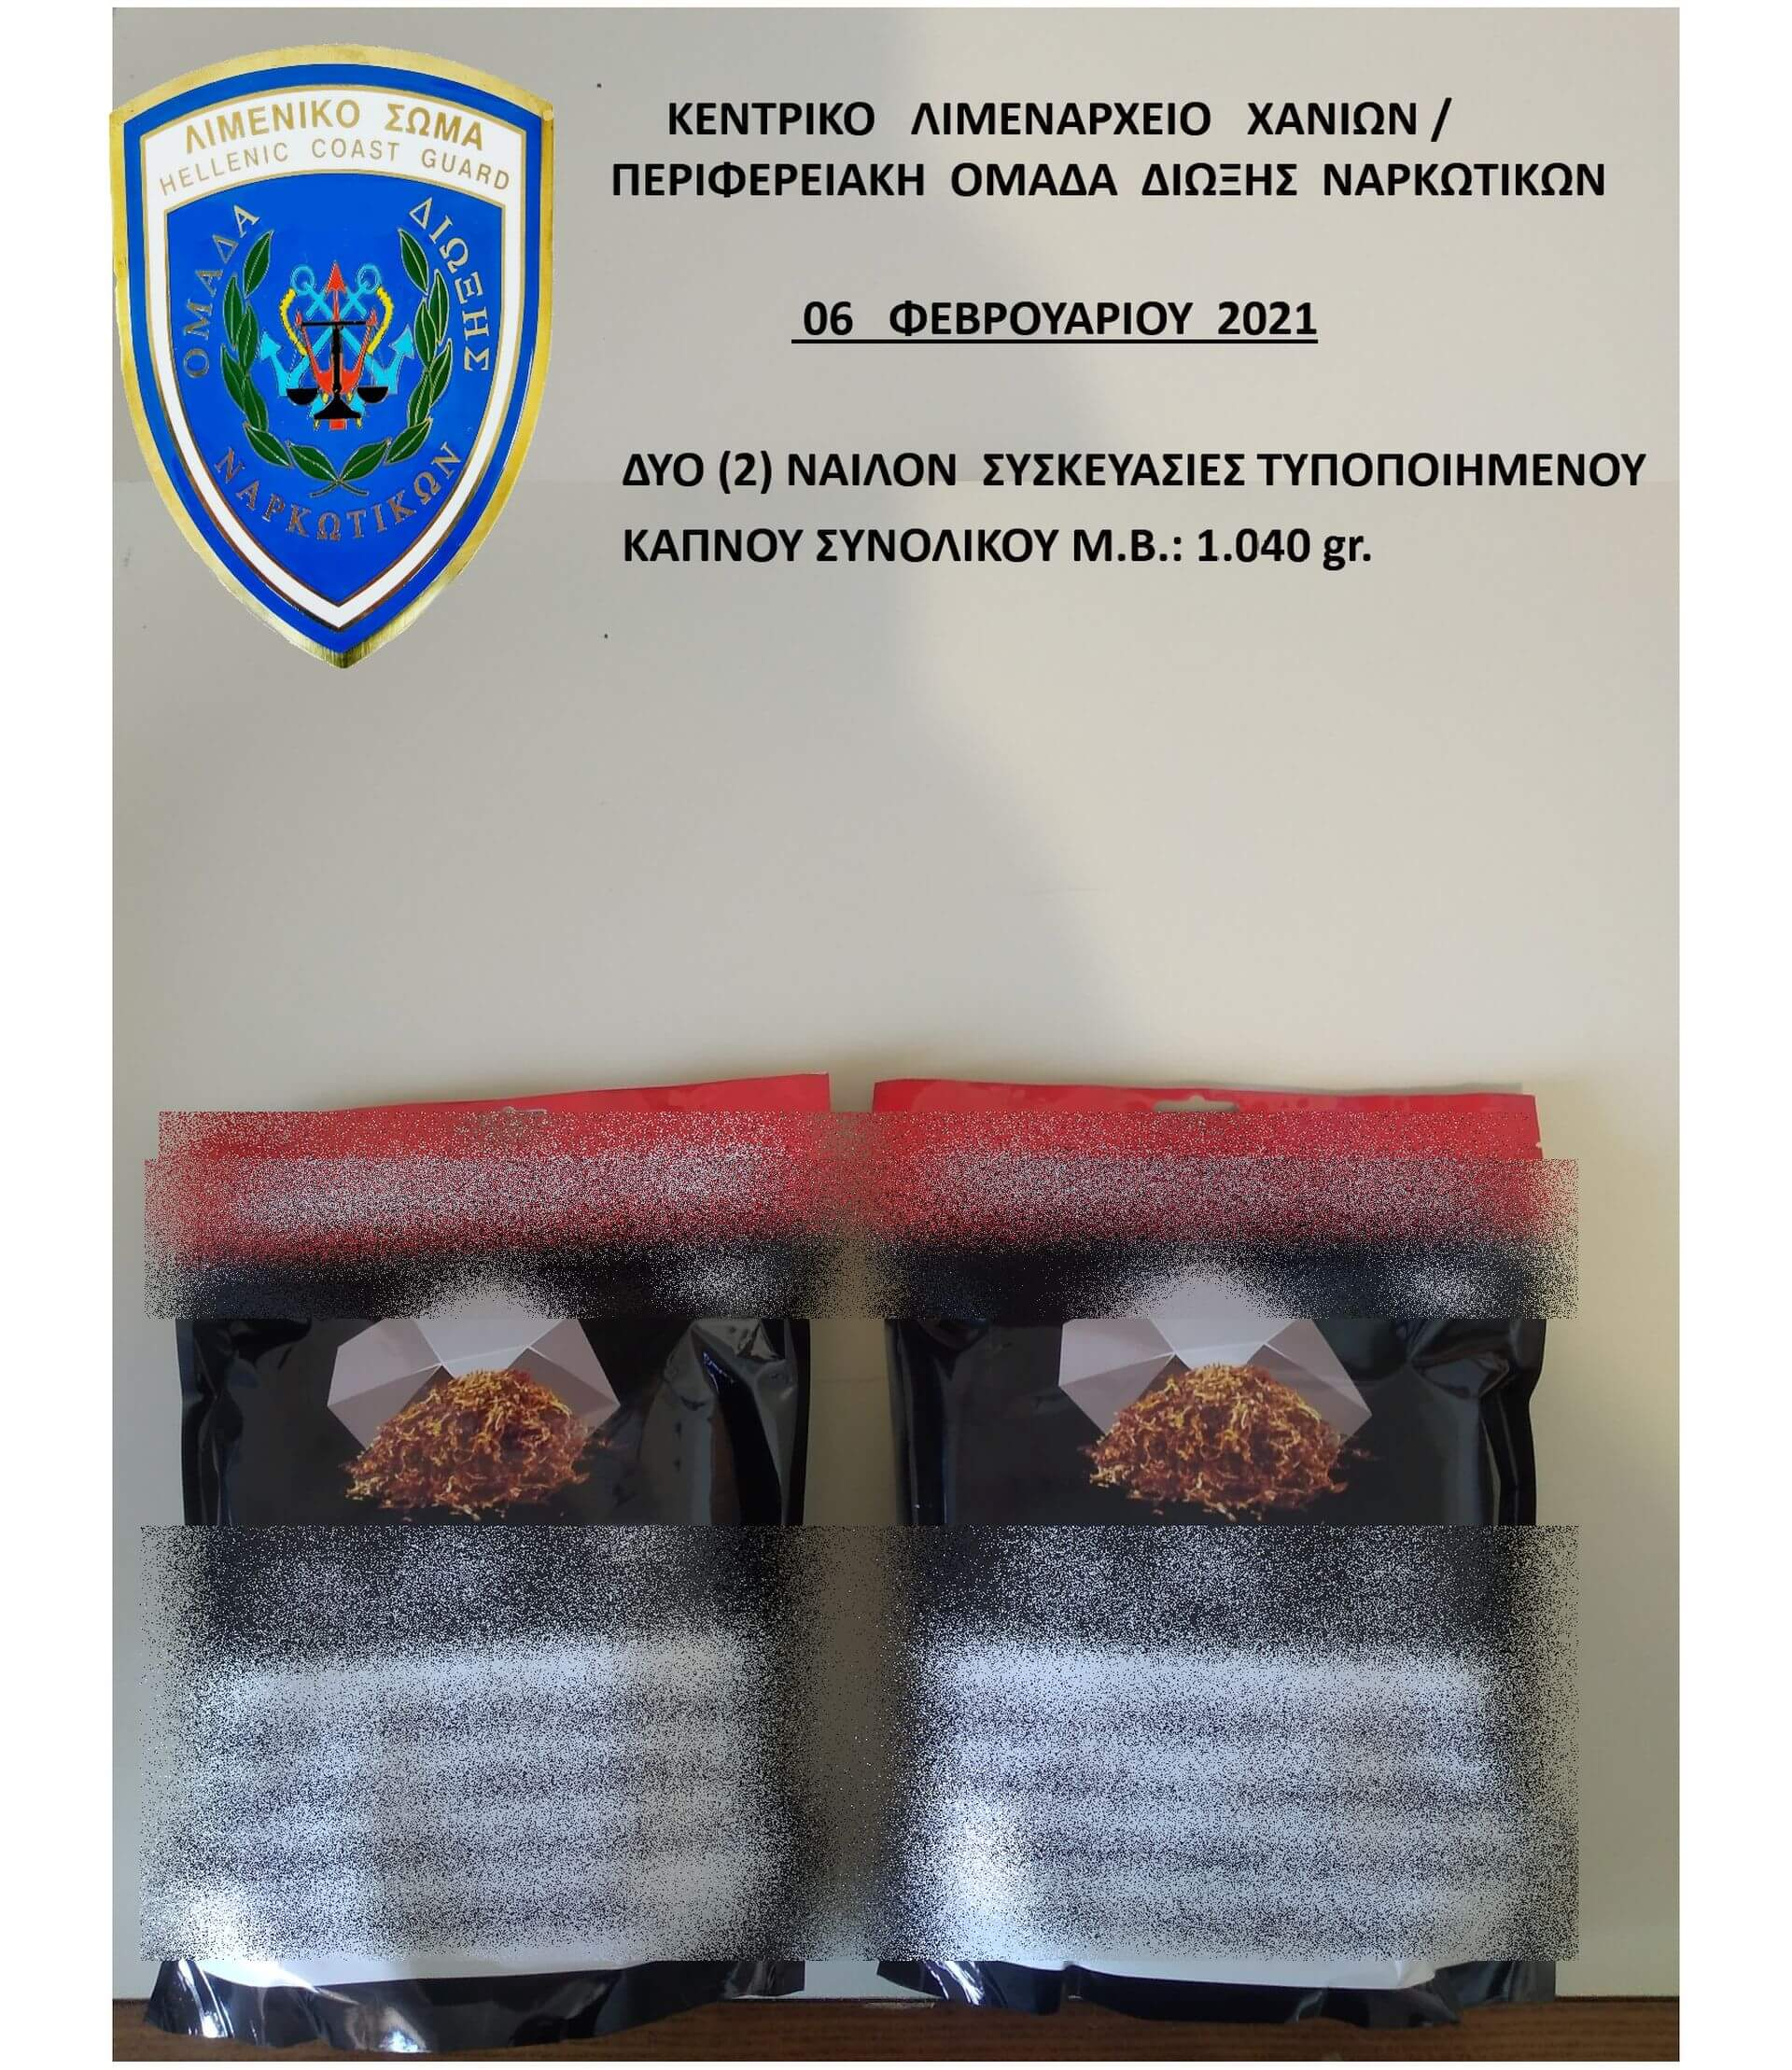 Σύλληψη αλλοδαπού για λαθραία καπνικά στα Χανιά